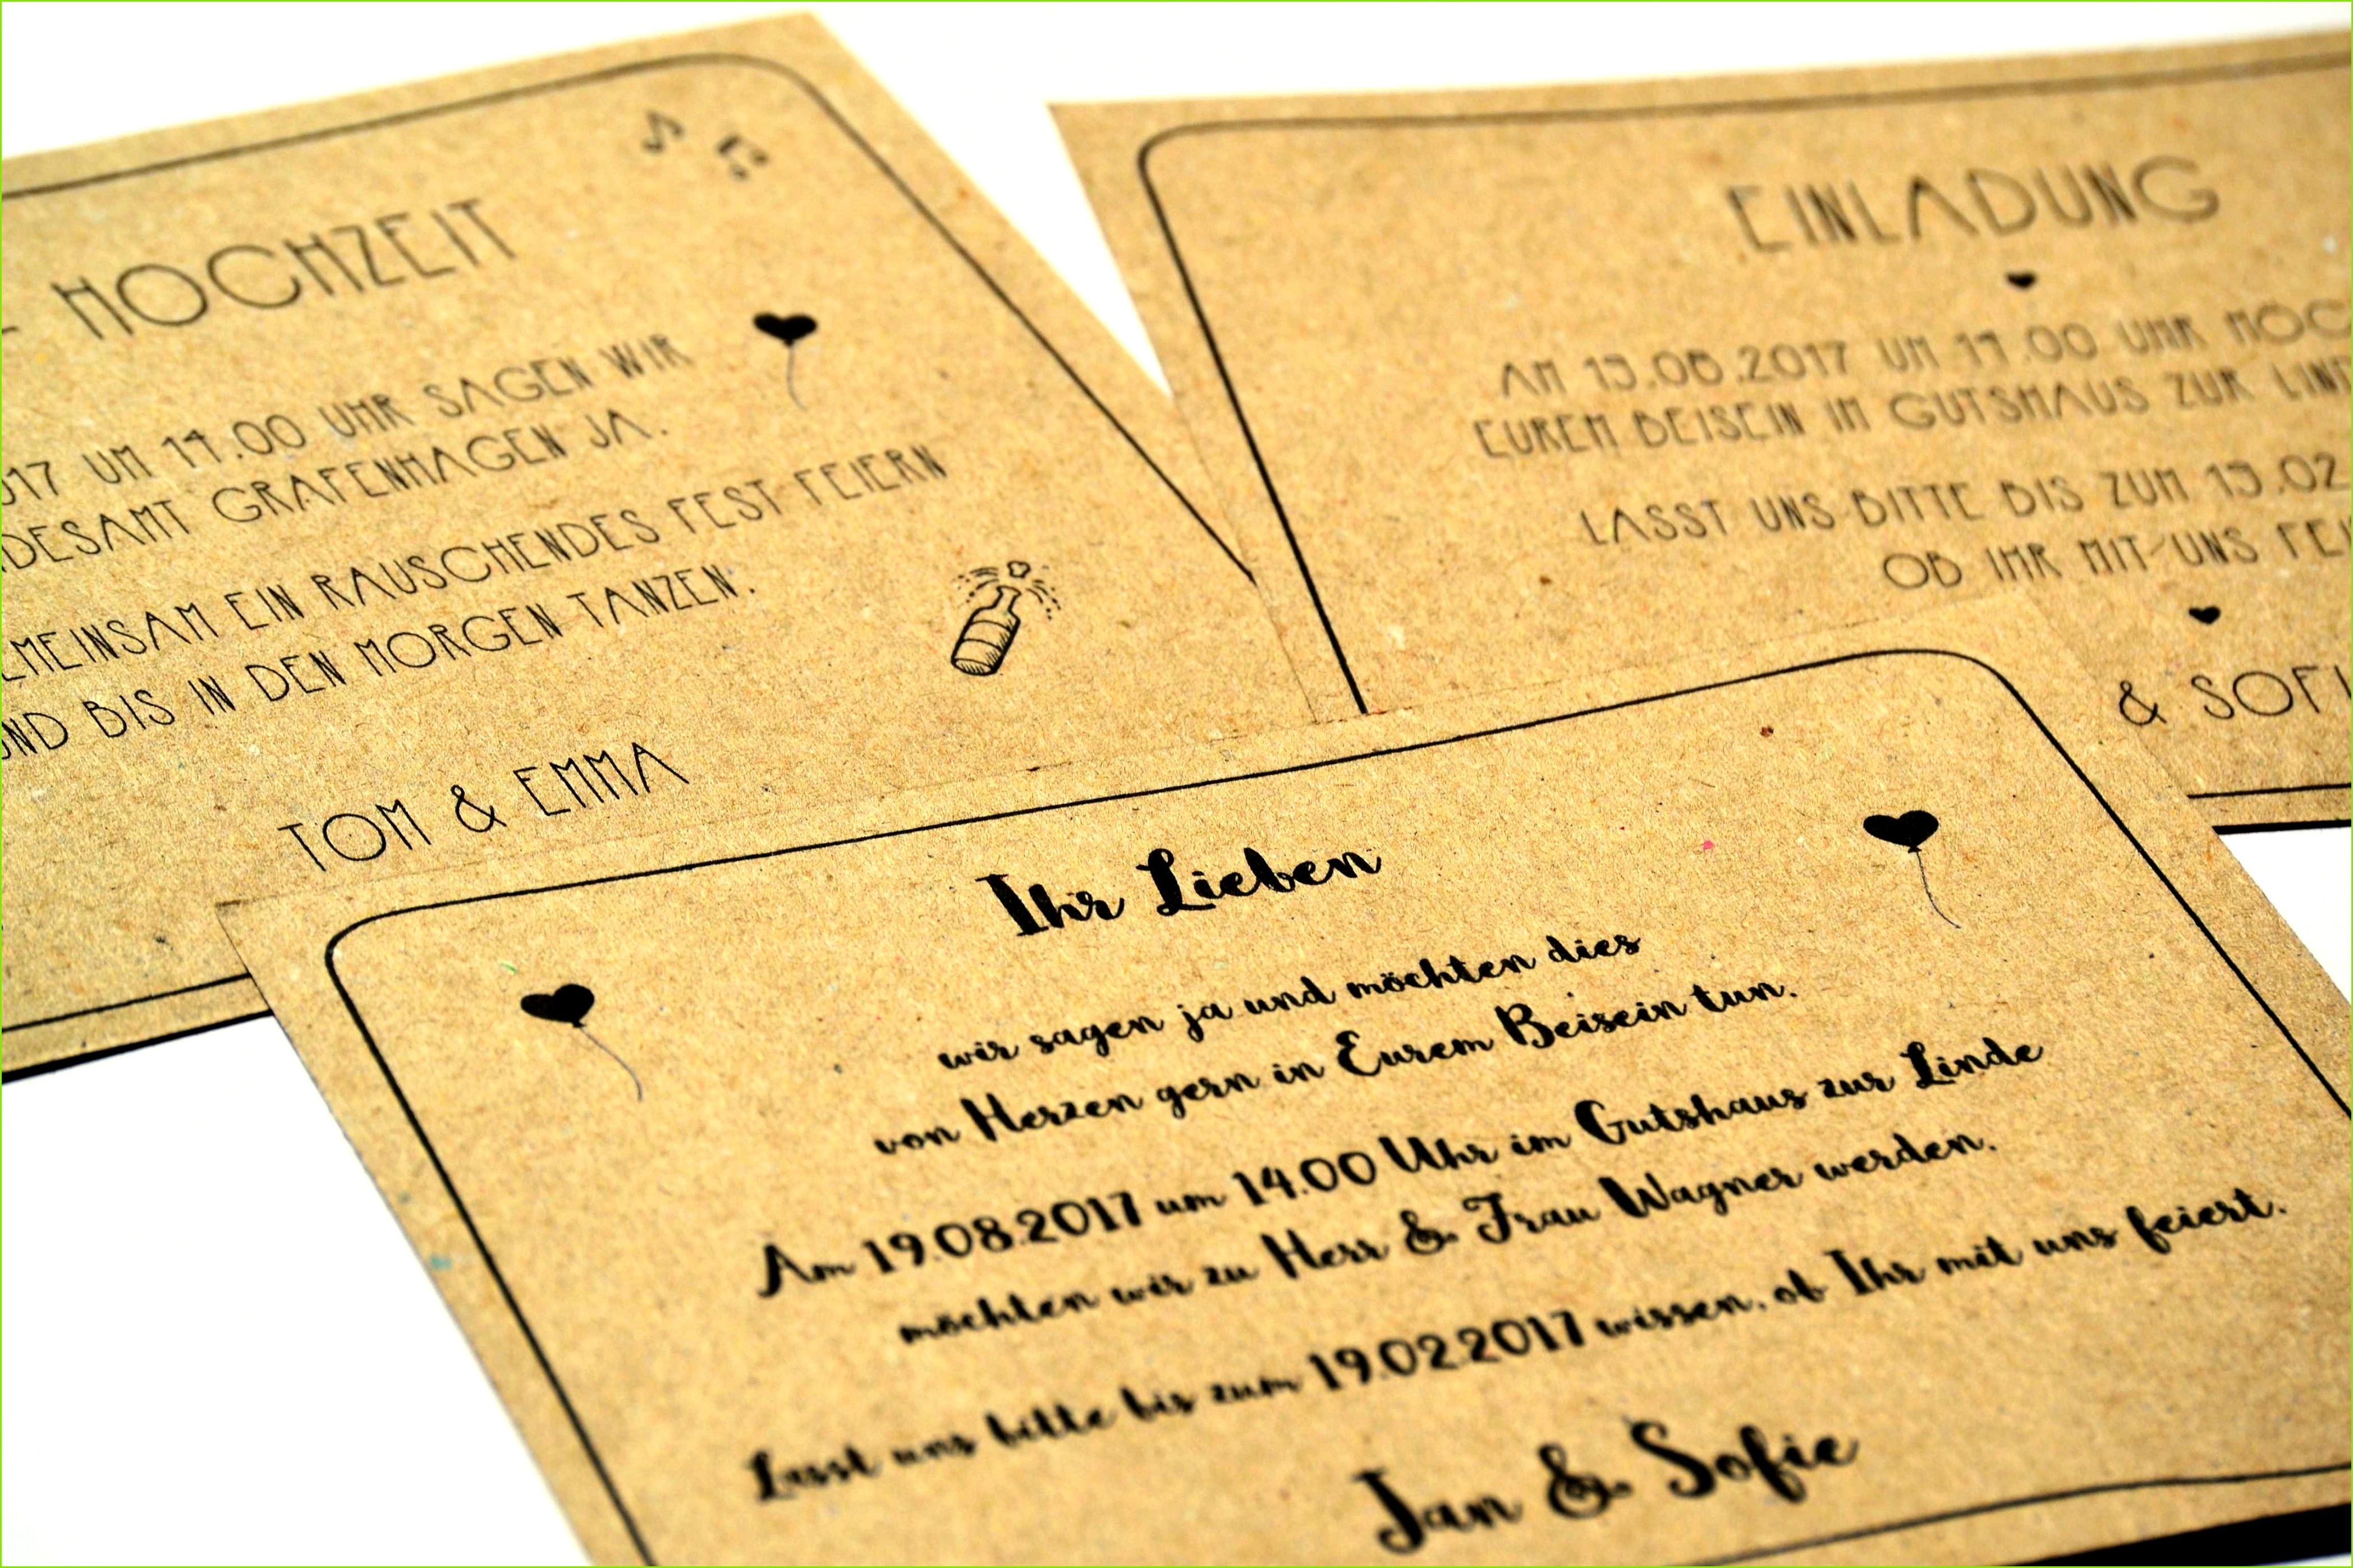 Hochzeitsrede Trauzeugin Vorlage Herunterladbare 35 Oberteil Kleine Hochzeit Konzept 34 Detaillierte Hochzeitsrede Trauzeugin Vorlage